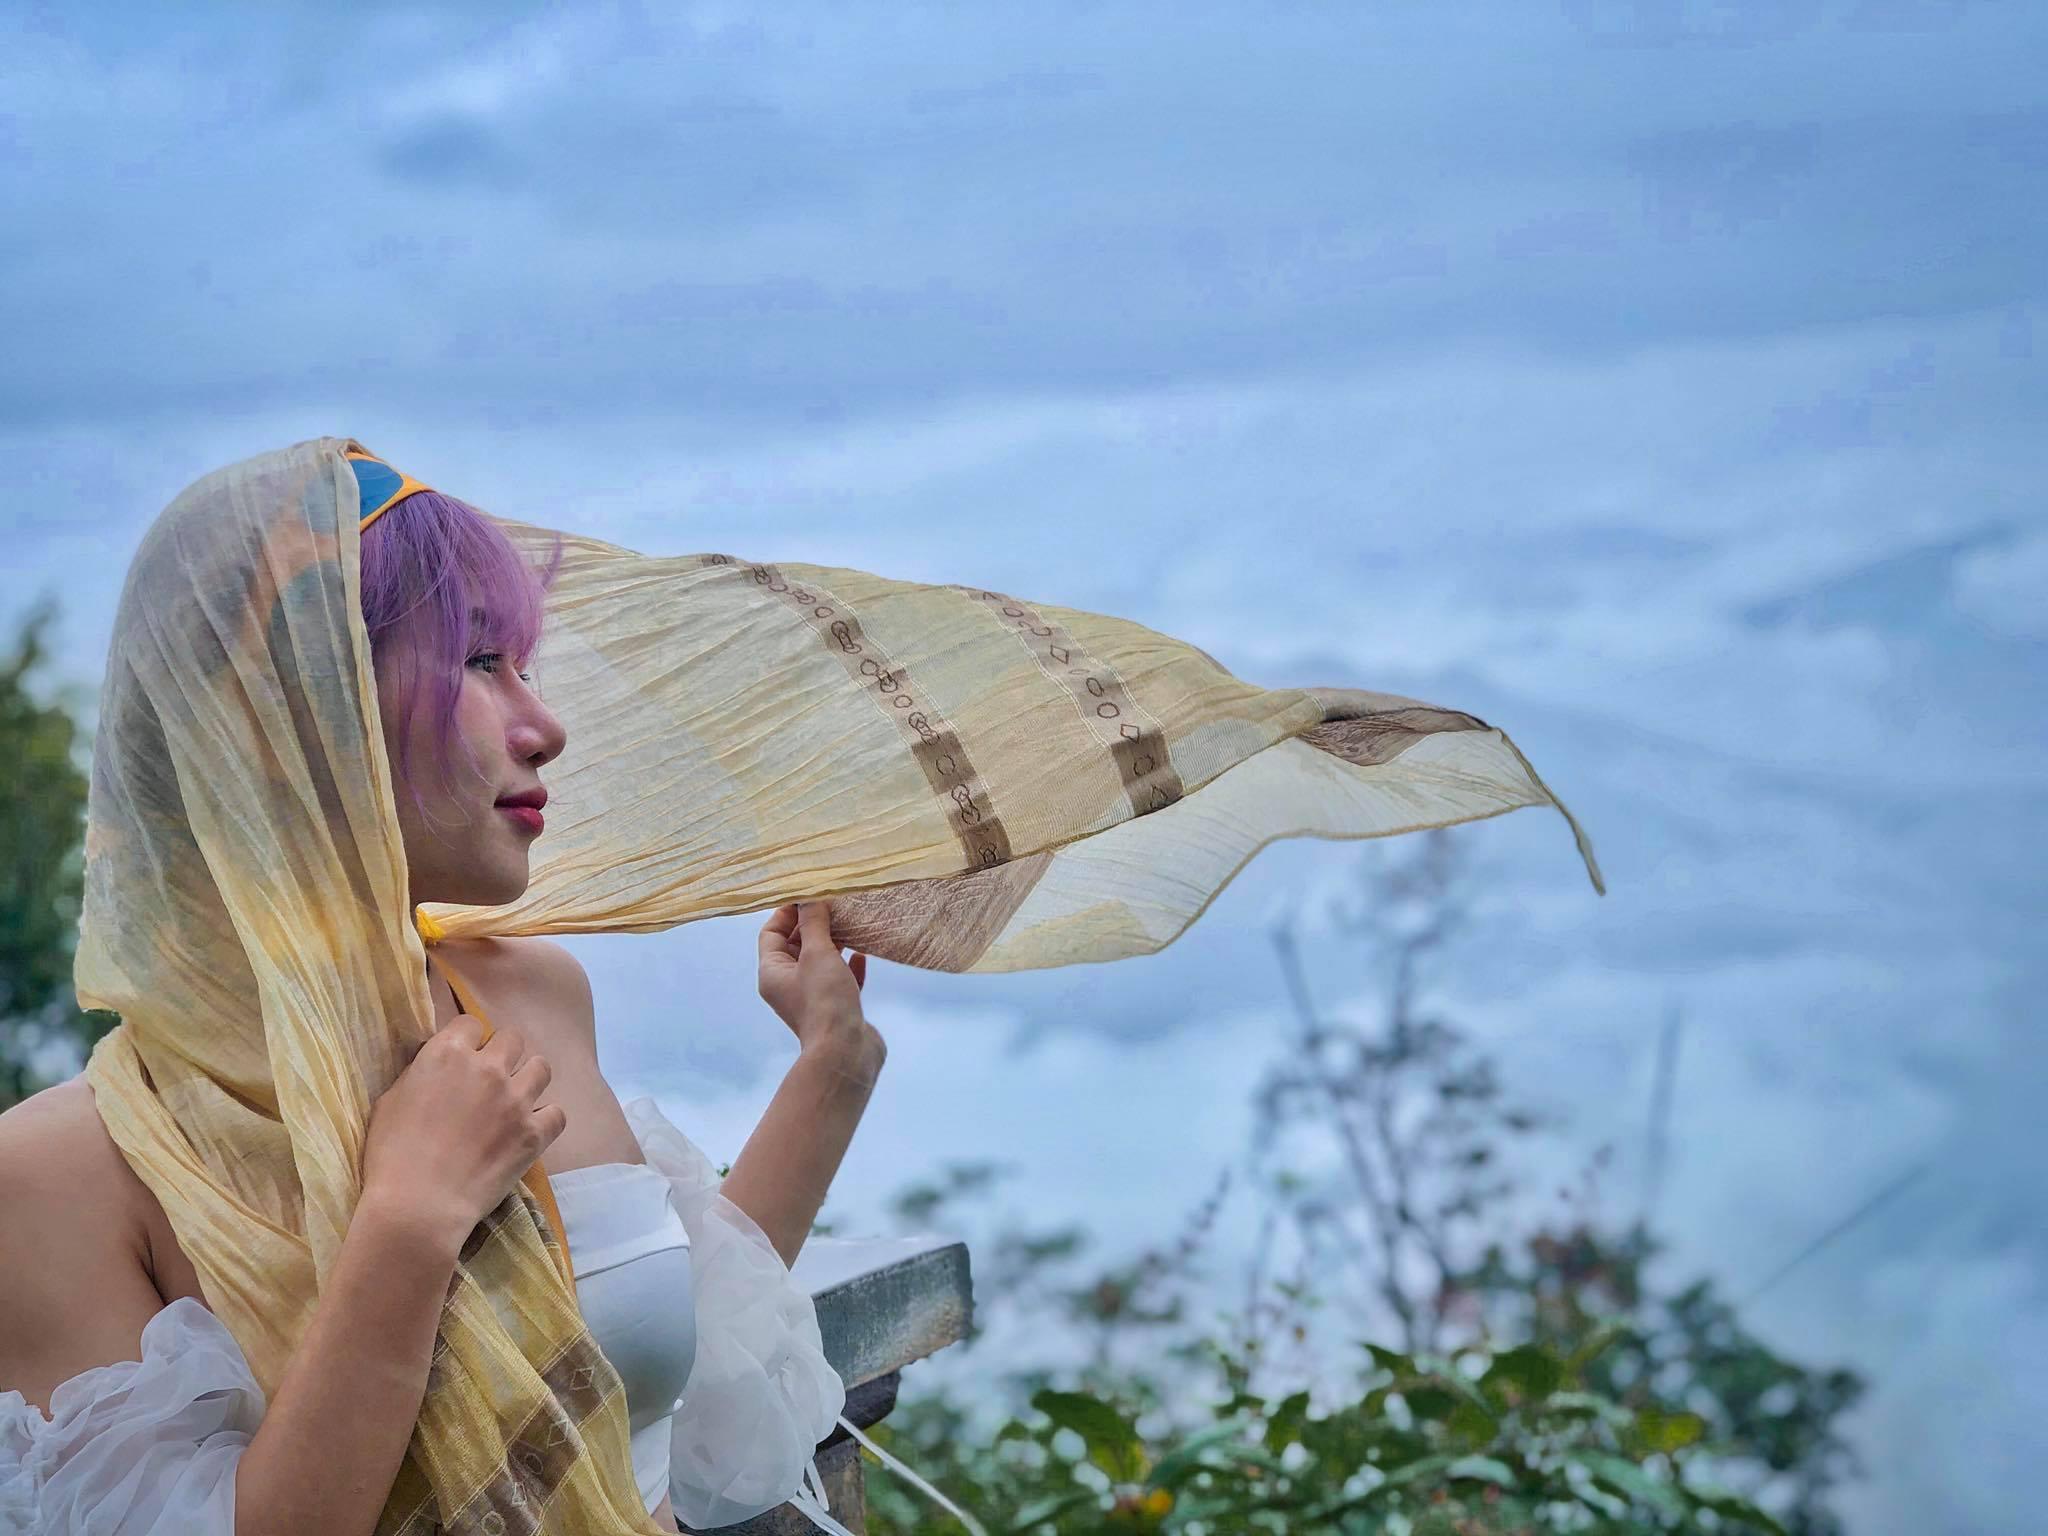 Mùa lúa chín Tây Bắc tươi mới qua bộ ảnh của cô gái xinh đẹp